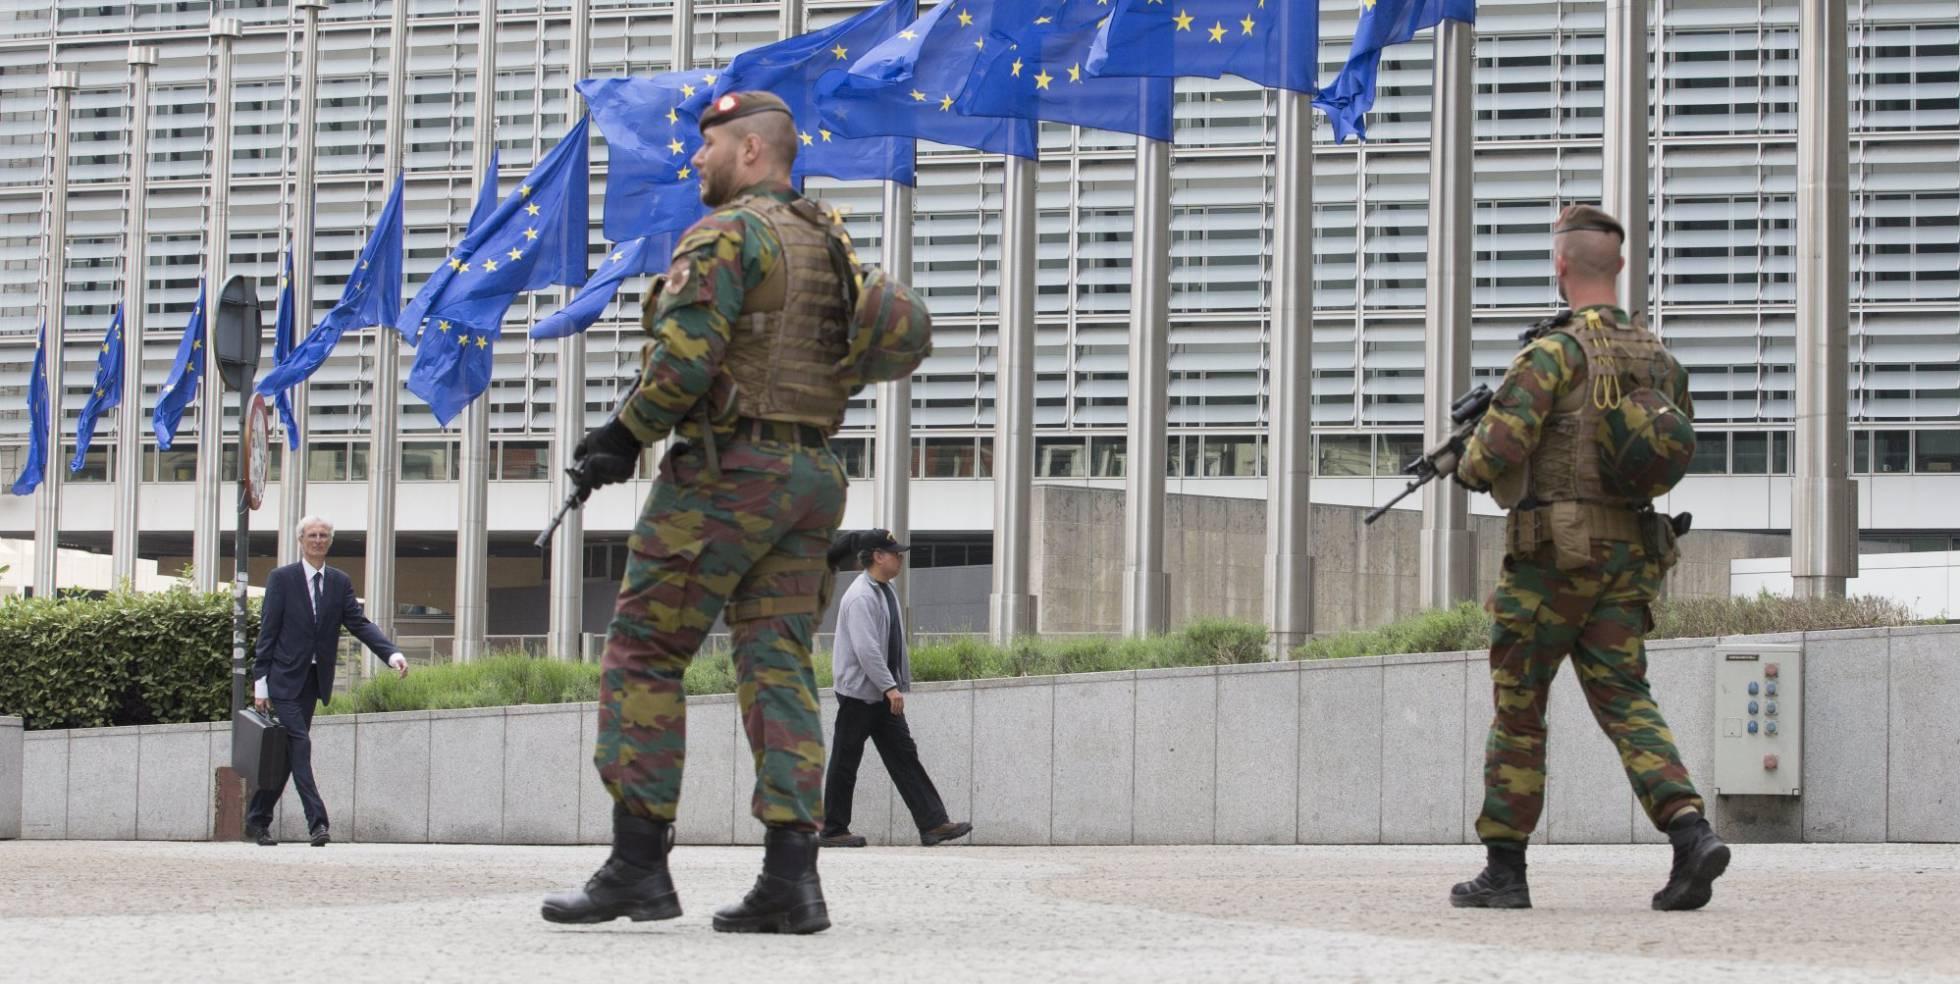 Unión - Nueva estructura de Defensa de la Unión Europea. Pesco, Cooperación Estructurada Permanente. - Página 3 1496433286_344509_1496434455_noticia_normal_recorte1